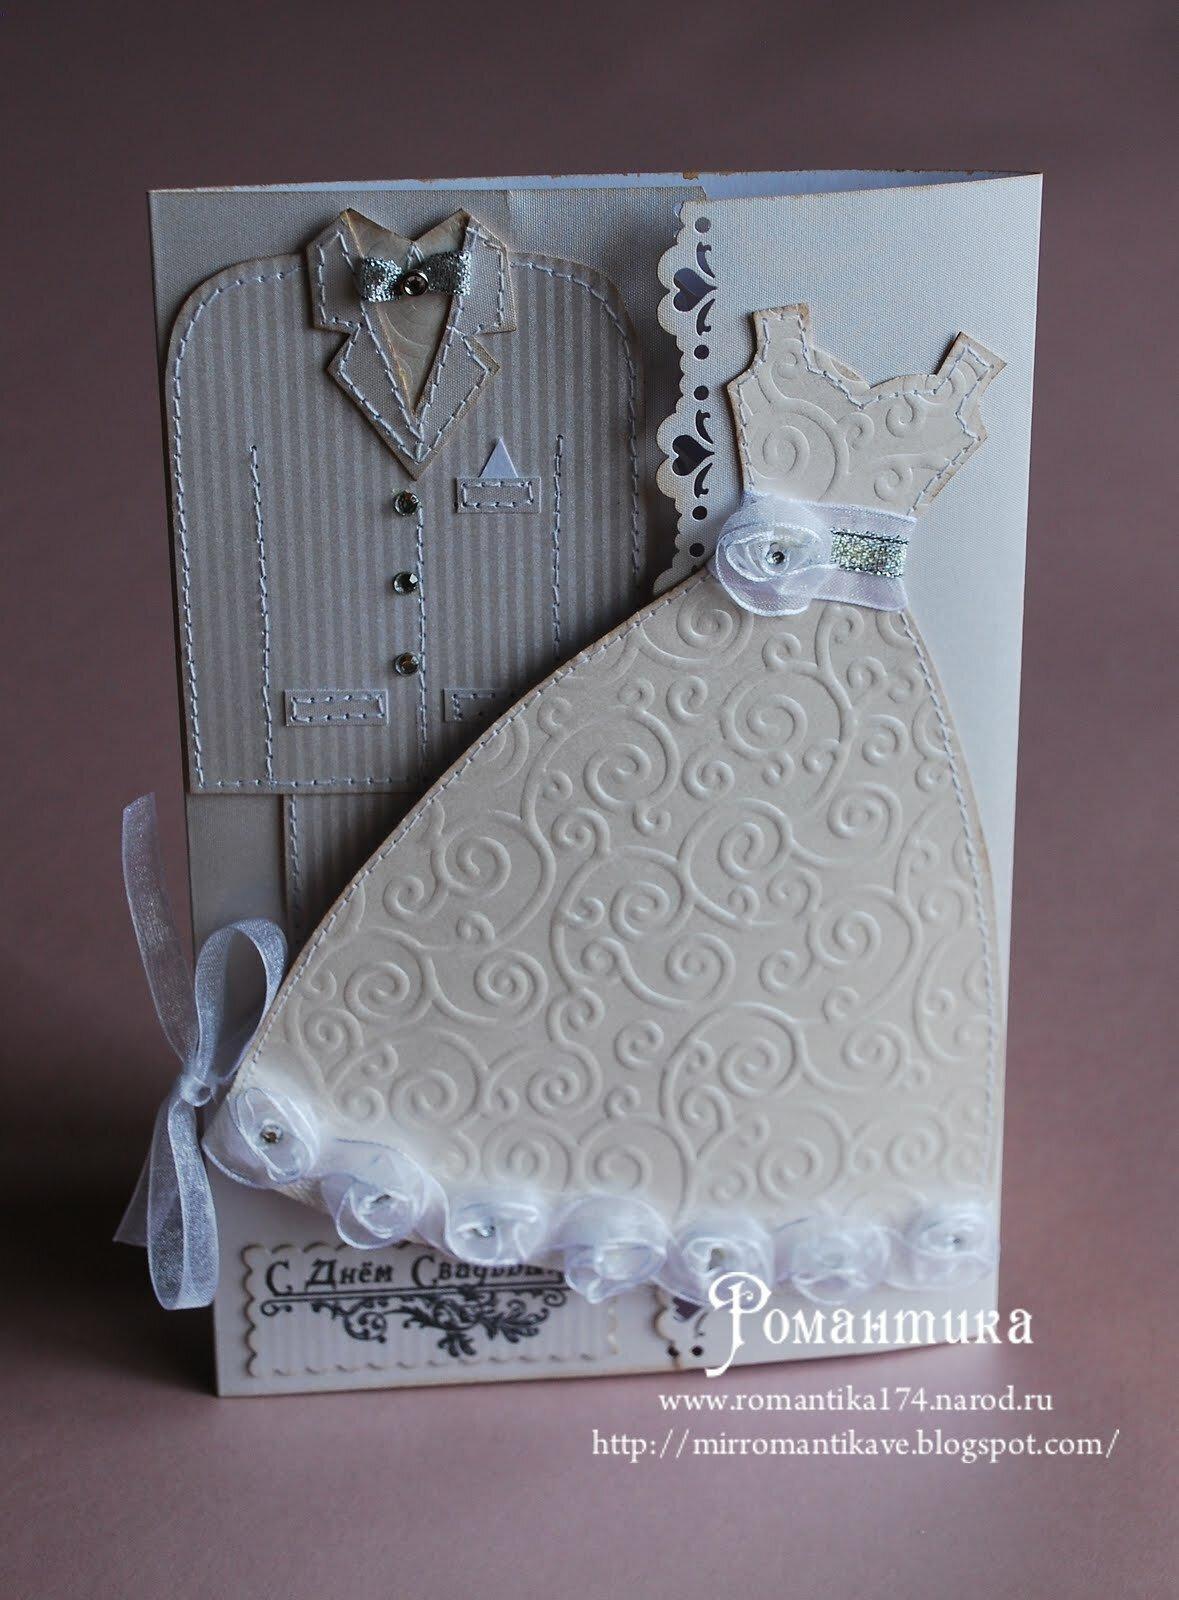 Как сделать свадебную открытку своими руками пошагово